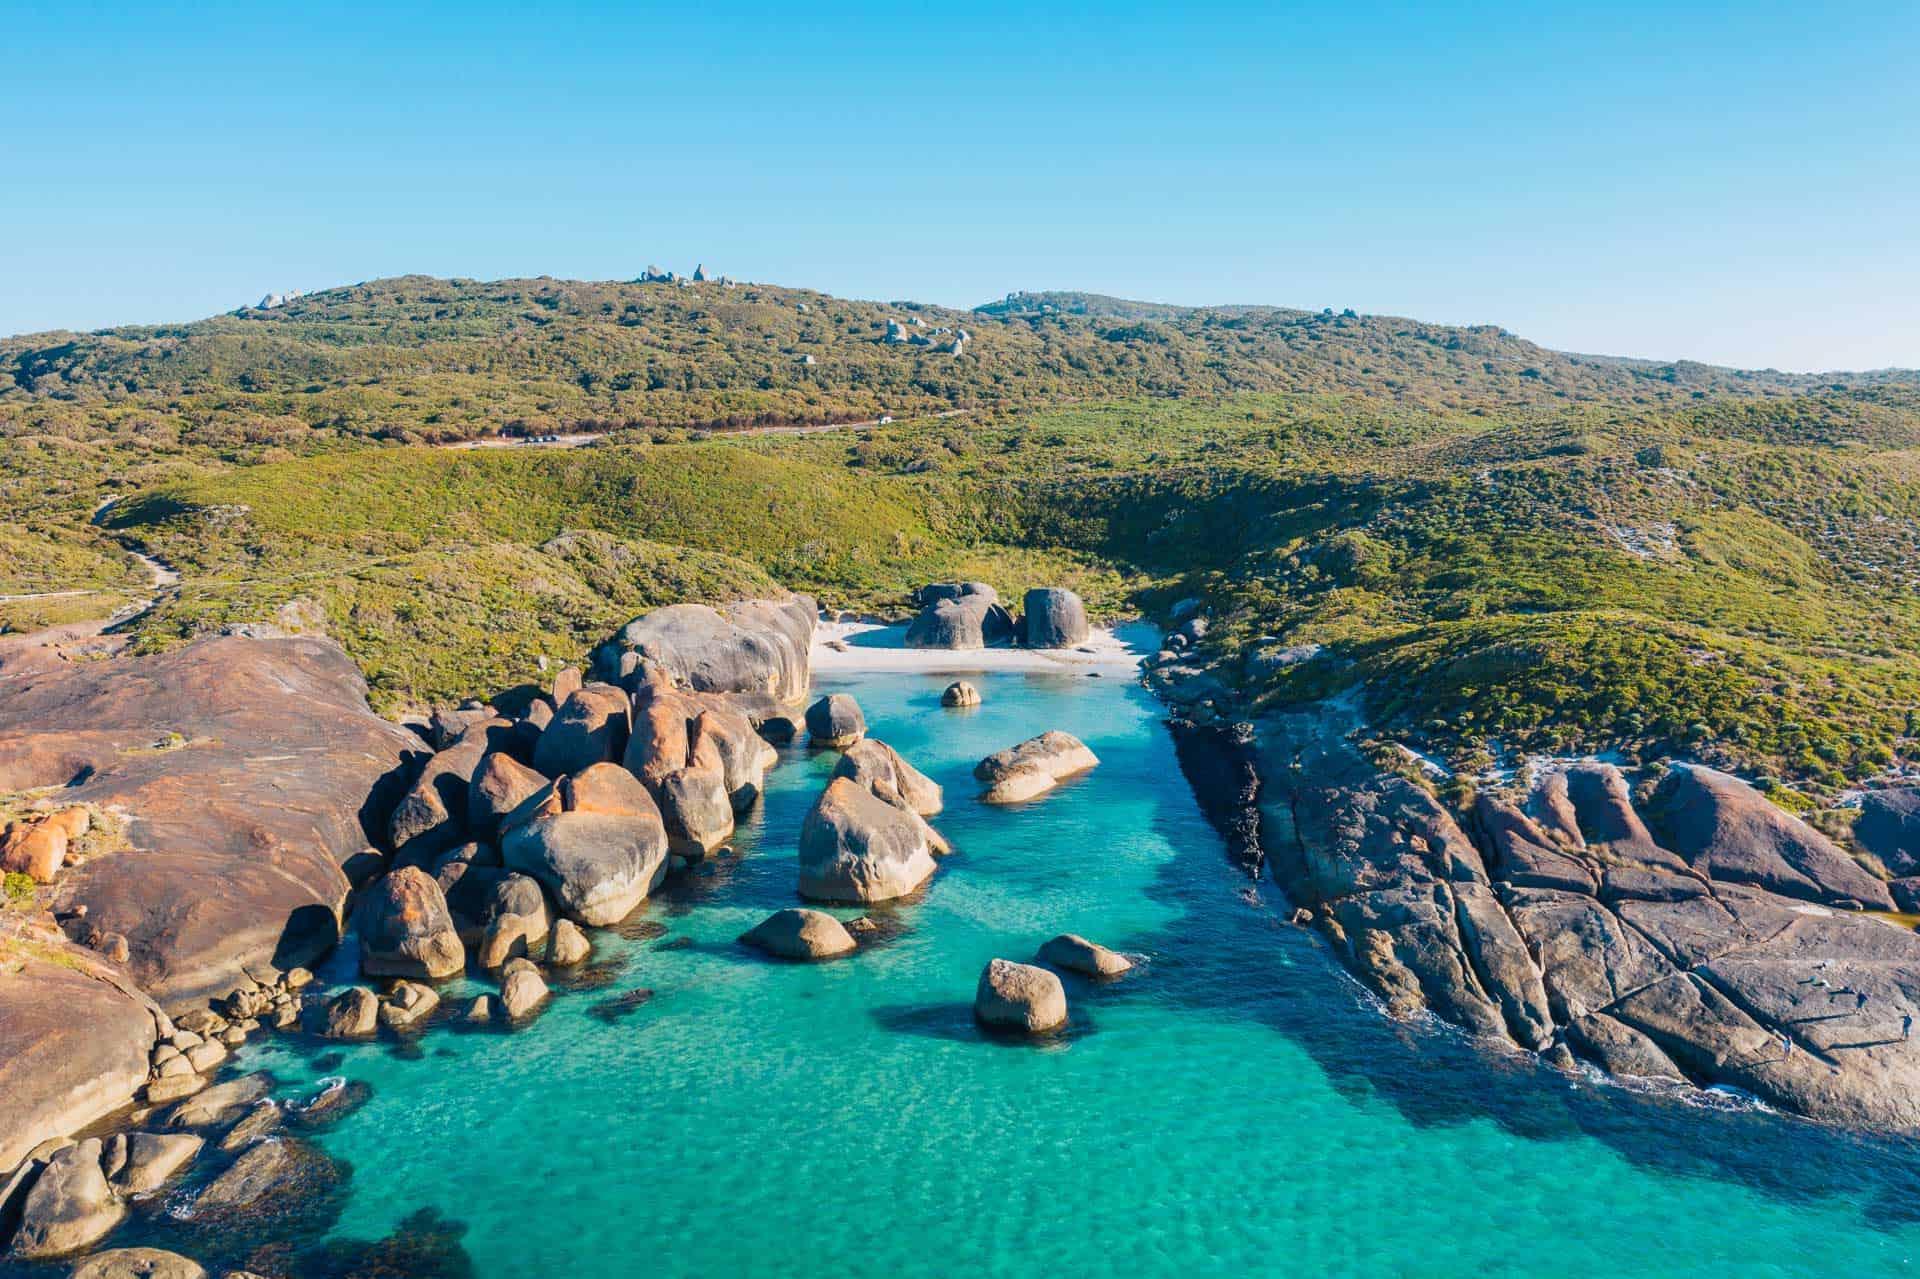 elephant rocks wa, elephant rocks denmark, elephant rocks western australia, elephant rocks australia